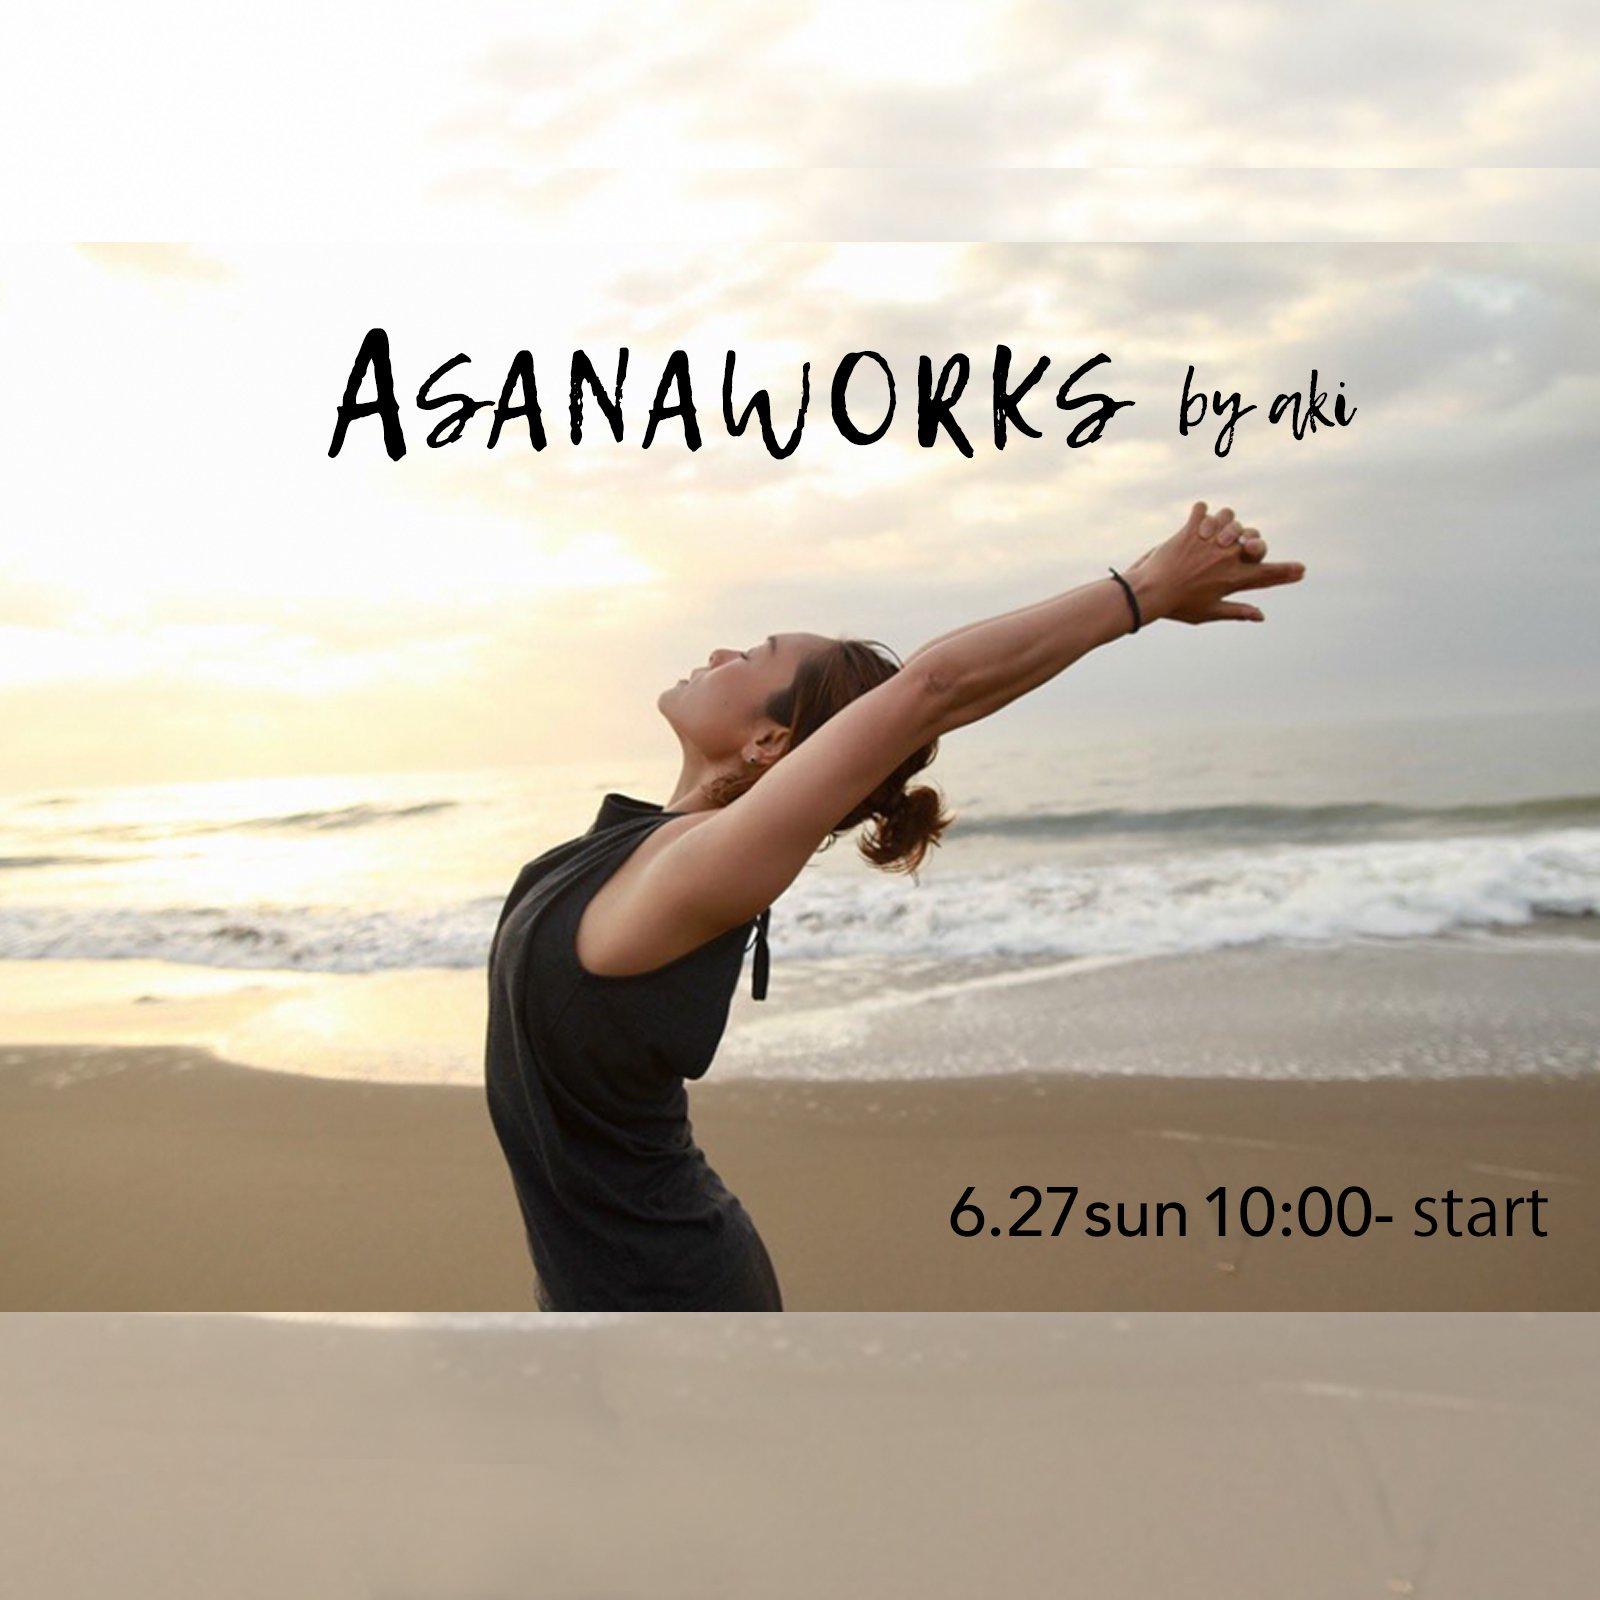 【6/27 オンラインクラス】#アサナワークス by aki